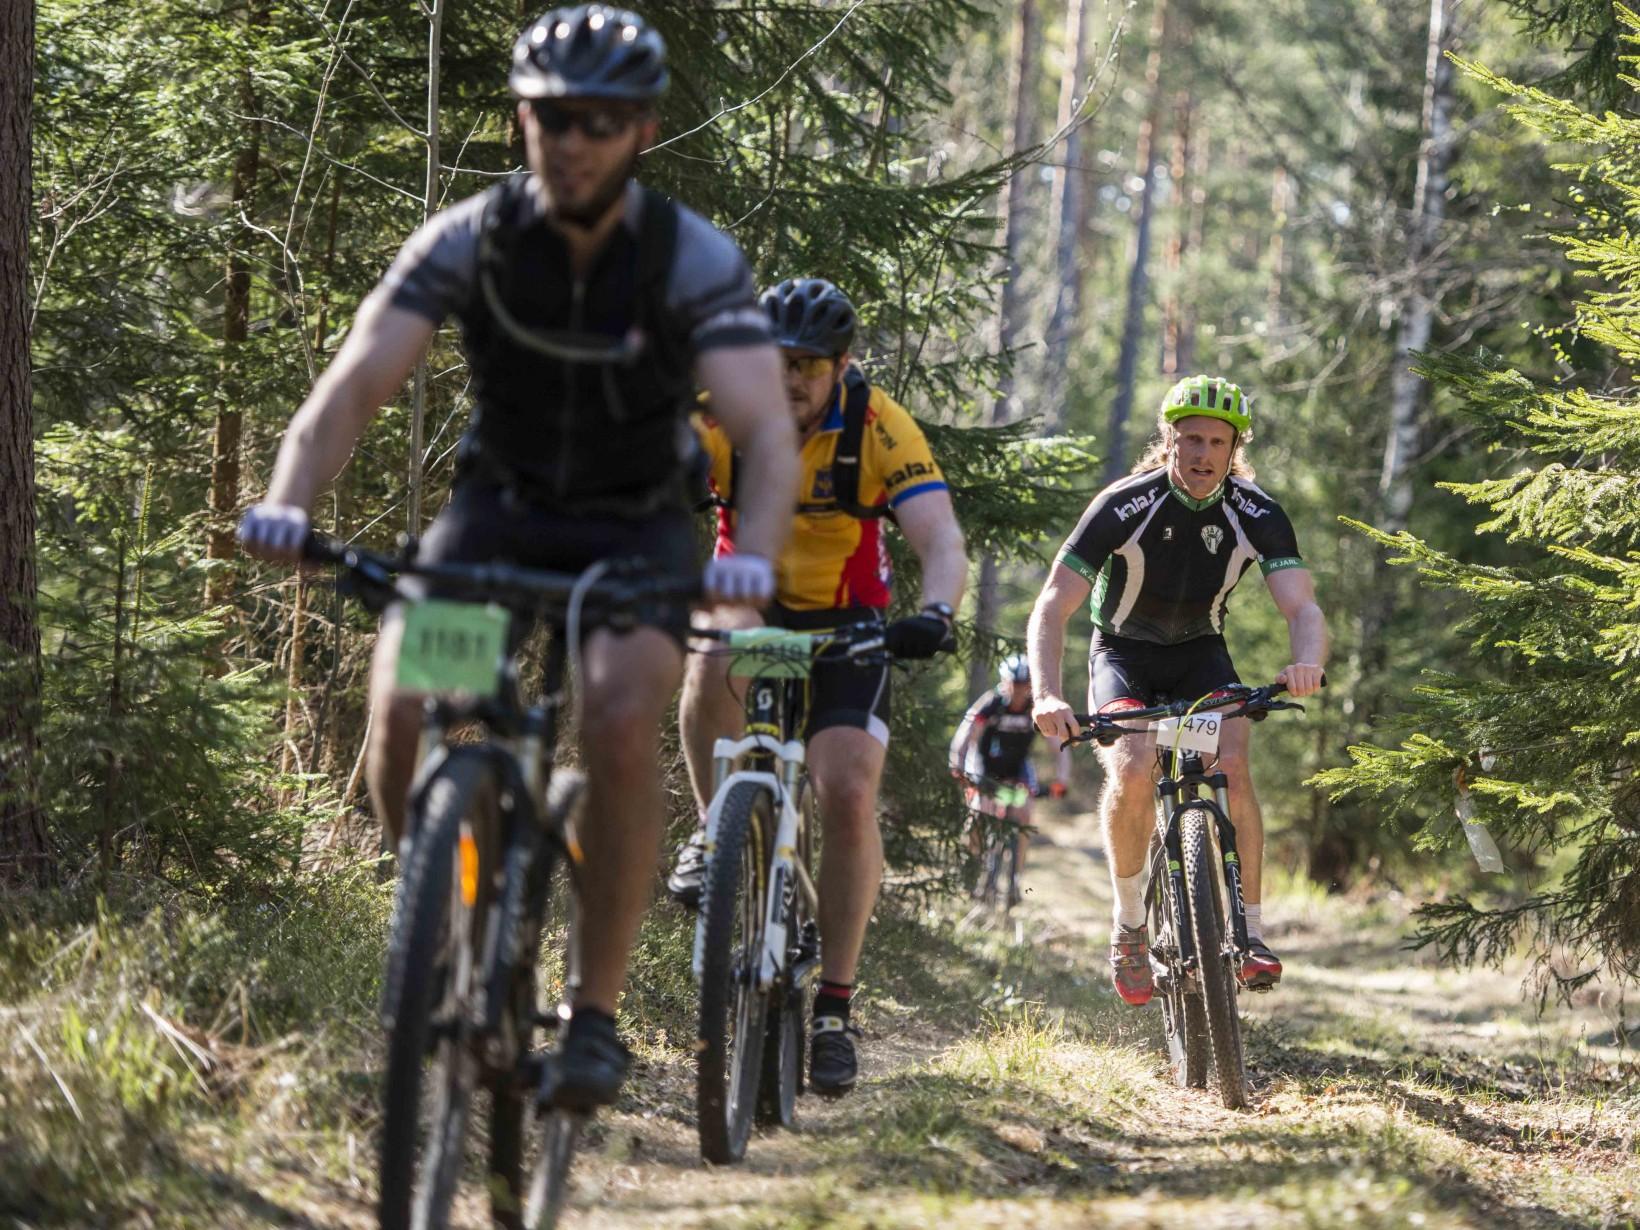 Jesper_Andersson_JAN_8585_www.jeppman.com